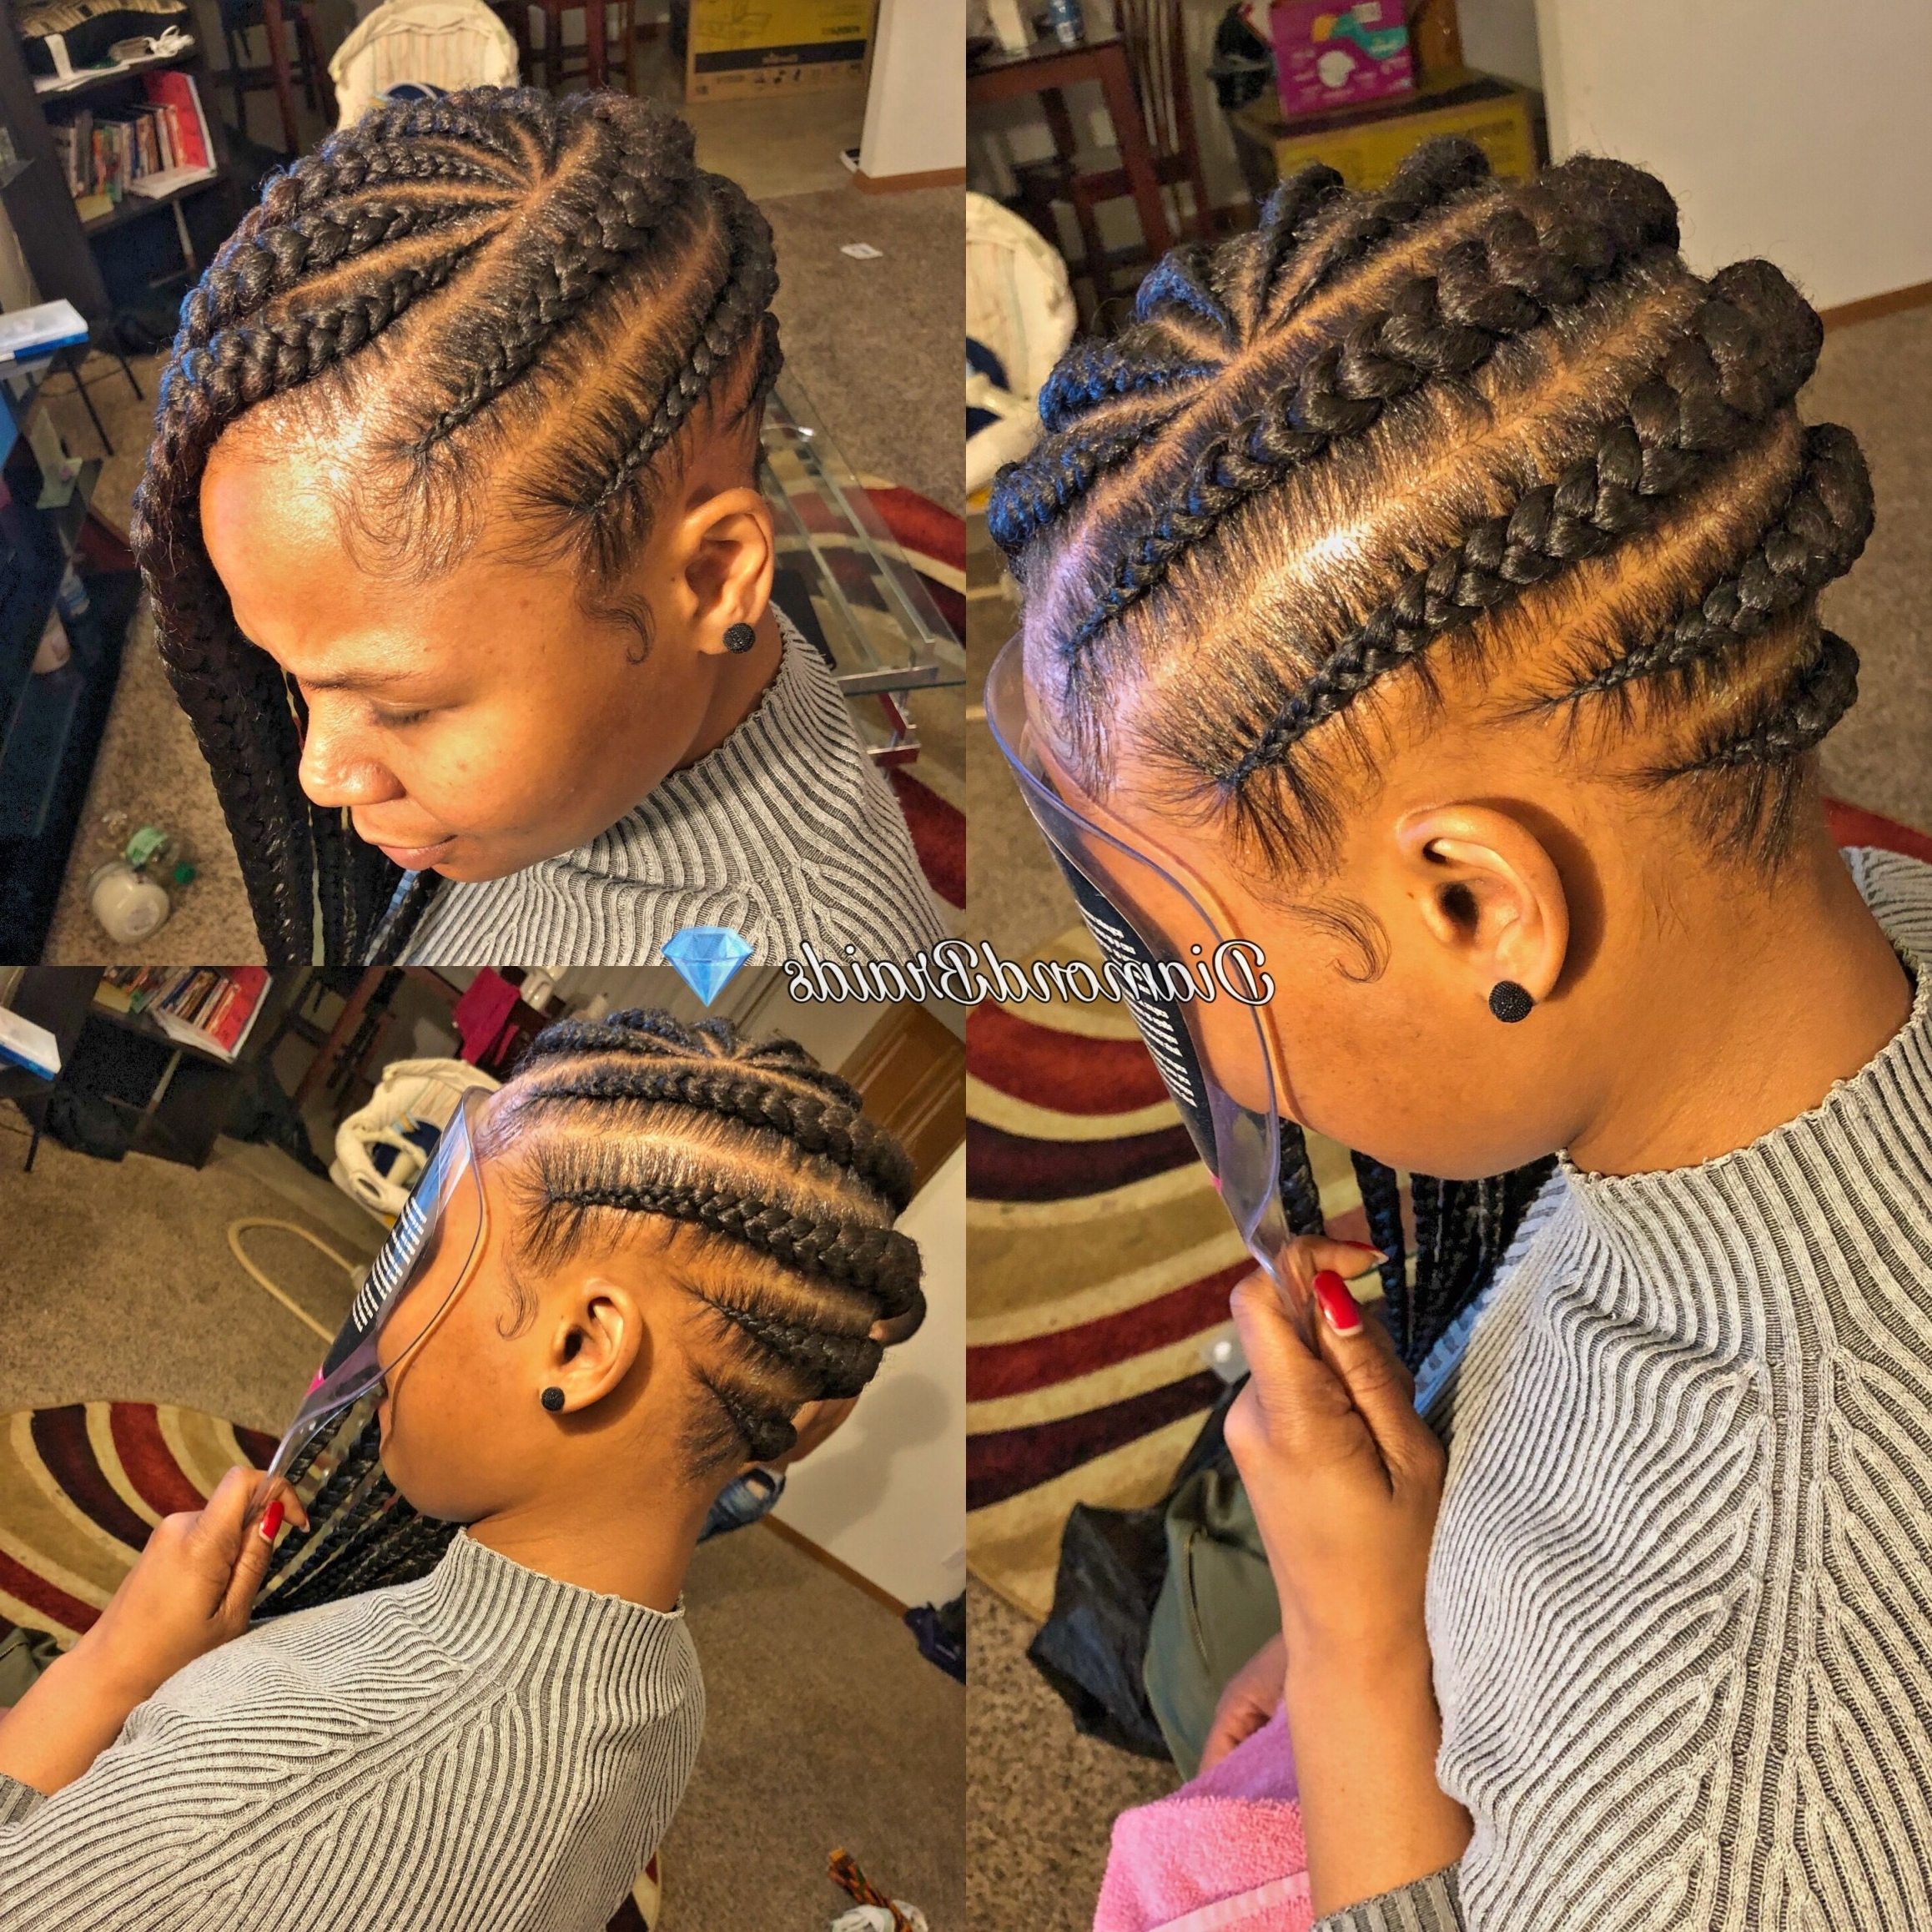 2018 Lemonade Braided Hairstyles In Braids Hairstyles For Teenagers Elegant Lemonade Braids Follow (View 14 of 15)